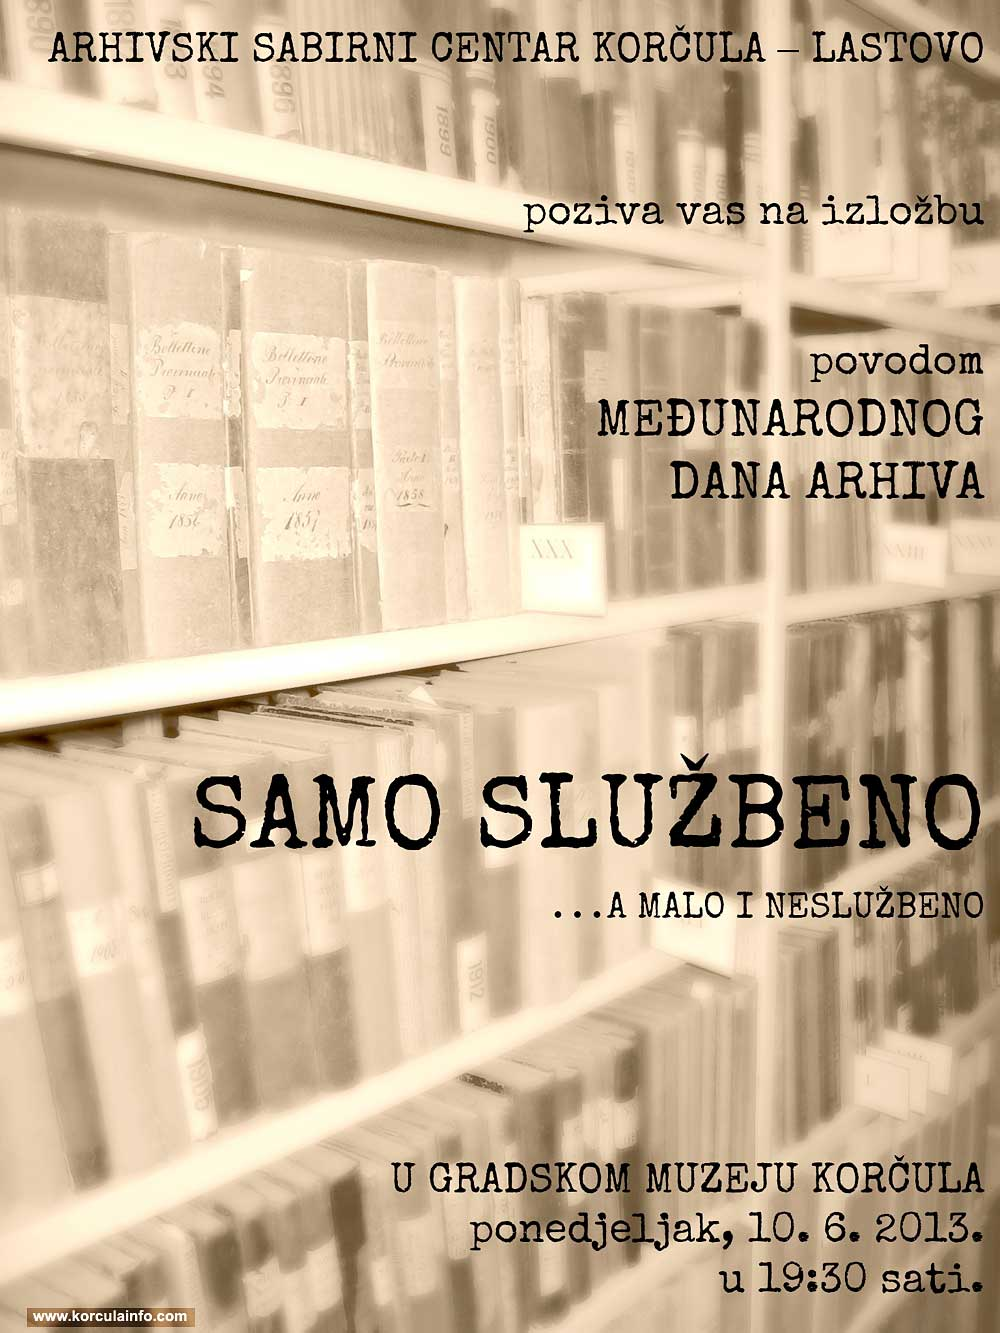 Exhibition Invitation: SAMO SLUŽBENO... a malo i neslužbeno